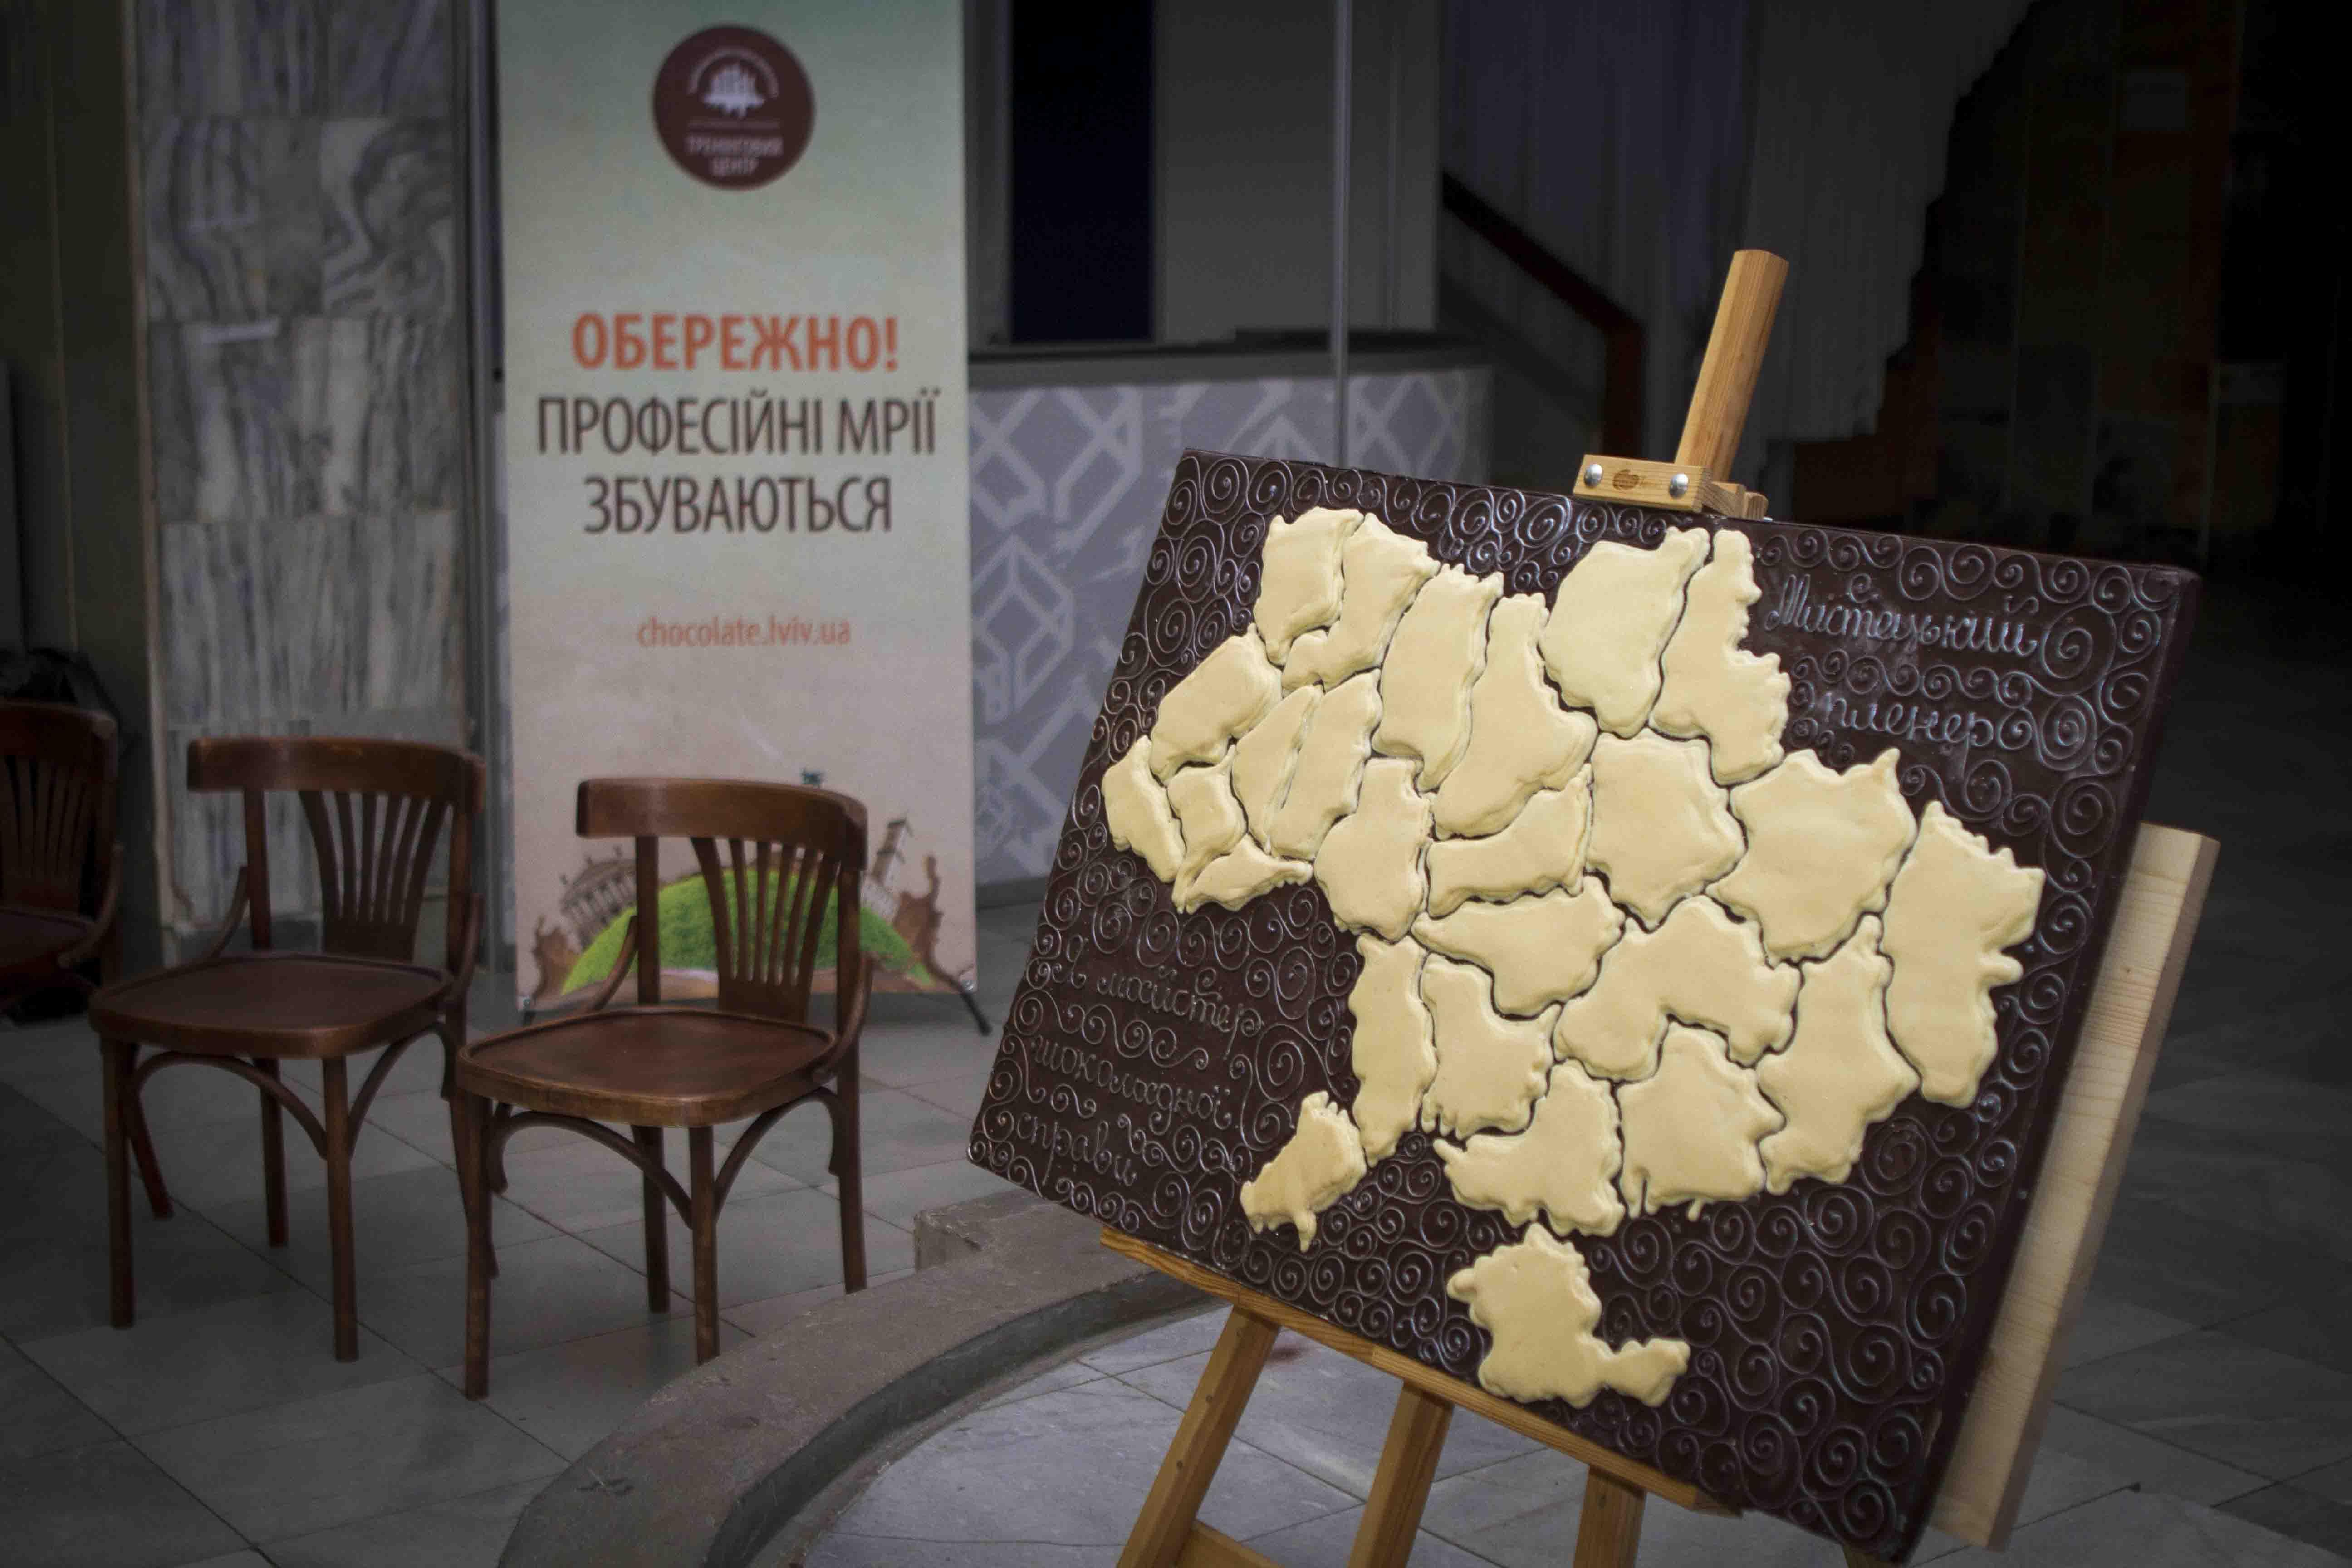 Мистецько-шоколадний пленер